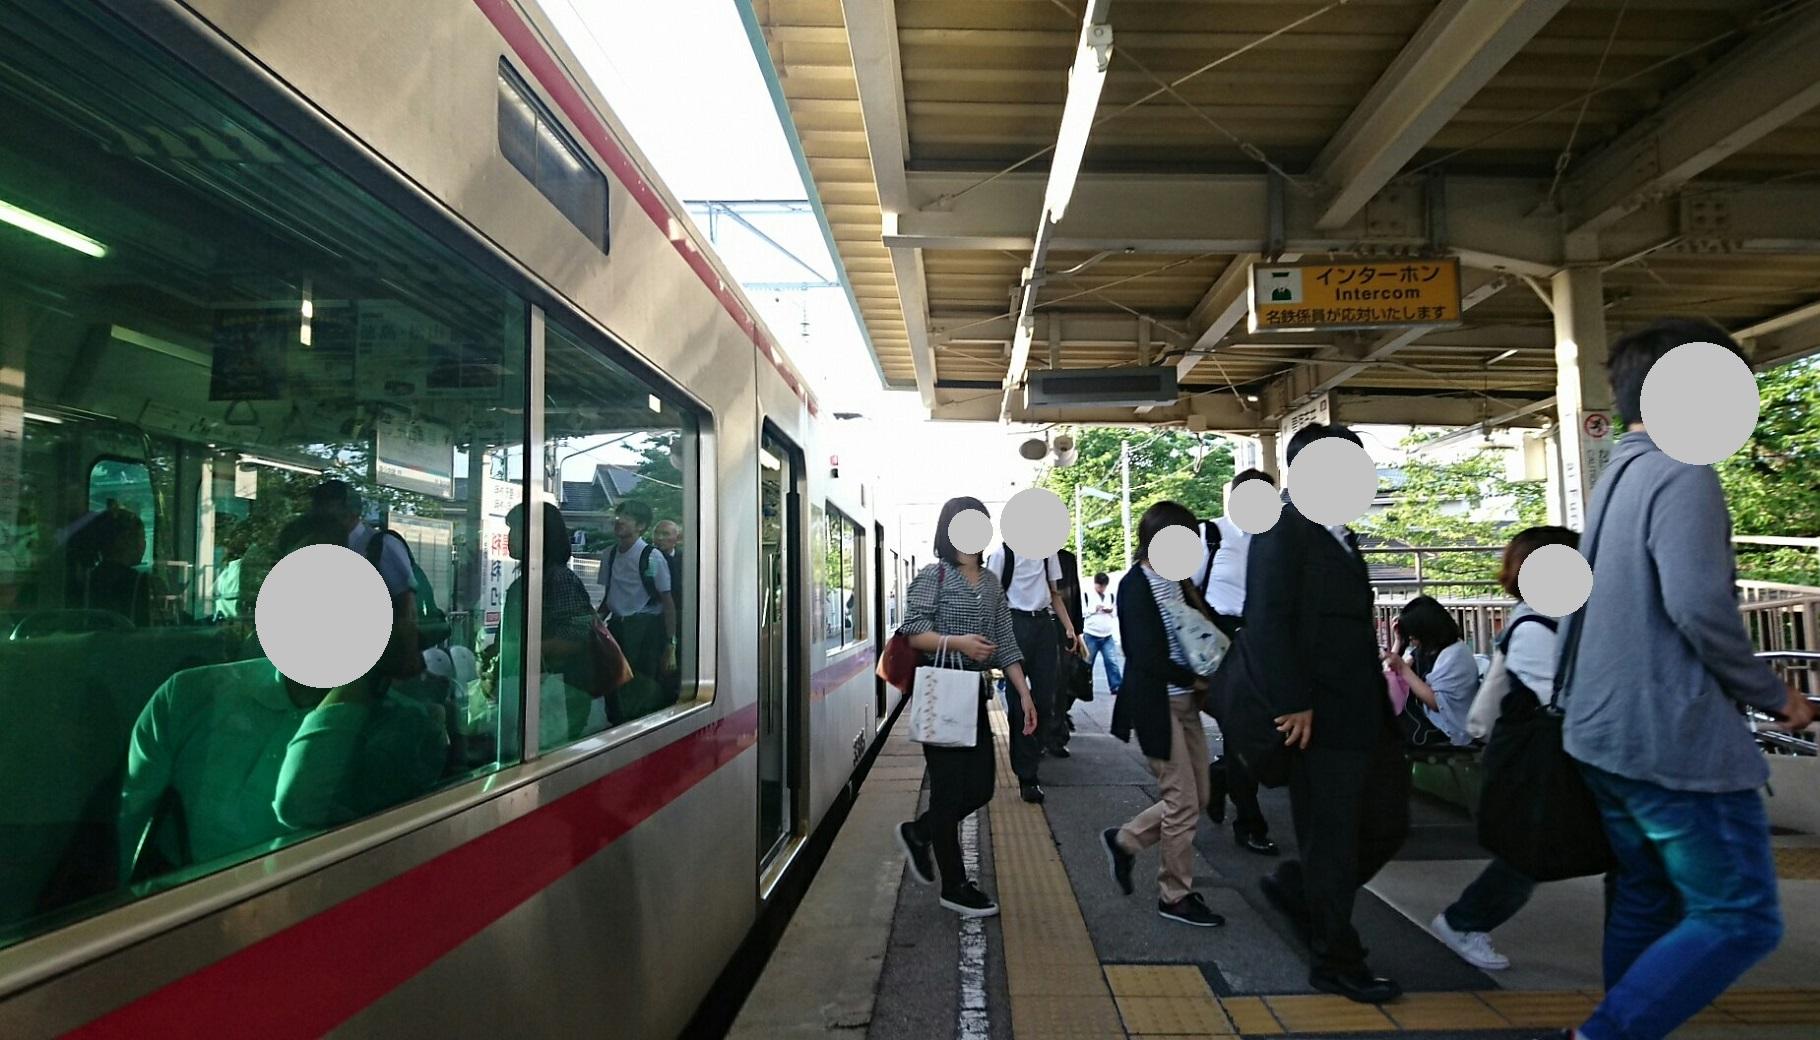 2018.5.25 日進中央線 (81) 古井 - 西尾いきふつう 1820-1040